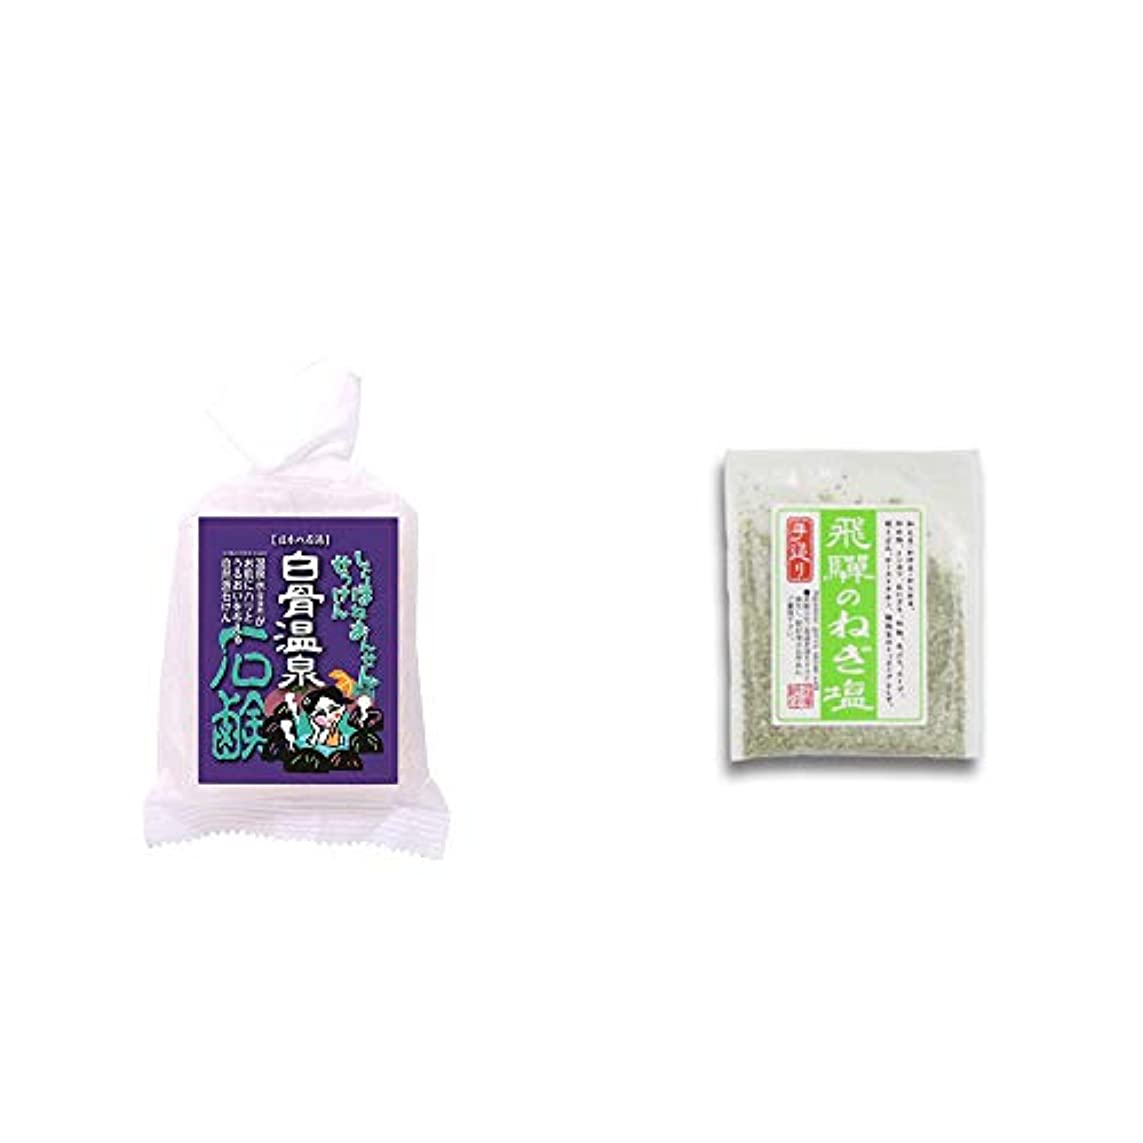 見落とす基本的な手荷物[2点セット] 信州 白骨温泉石鹸(80g)?手造り 飛騨のねぎ塩(40g)